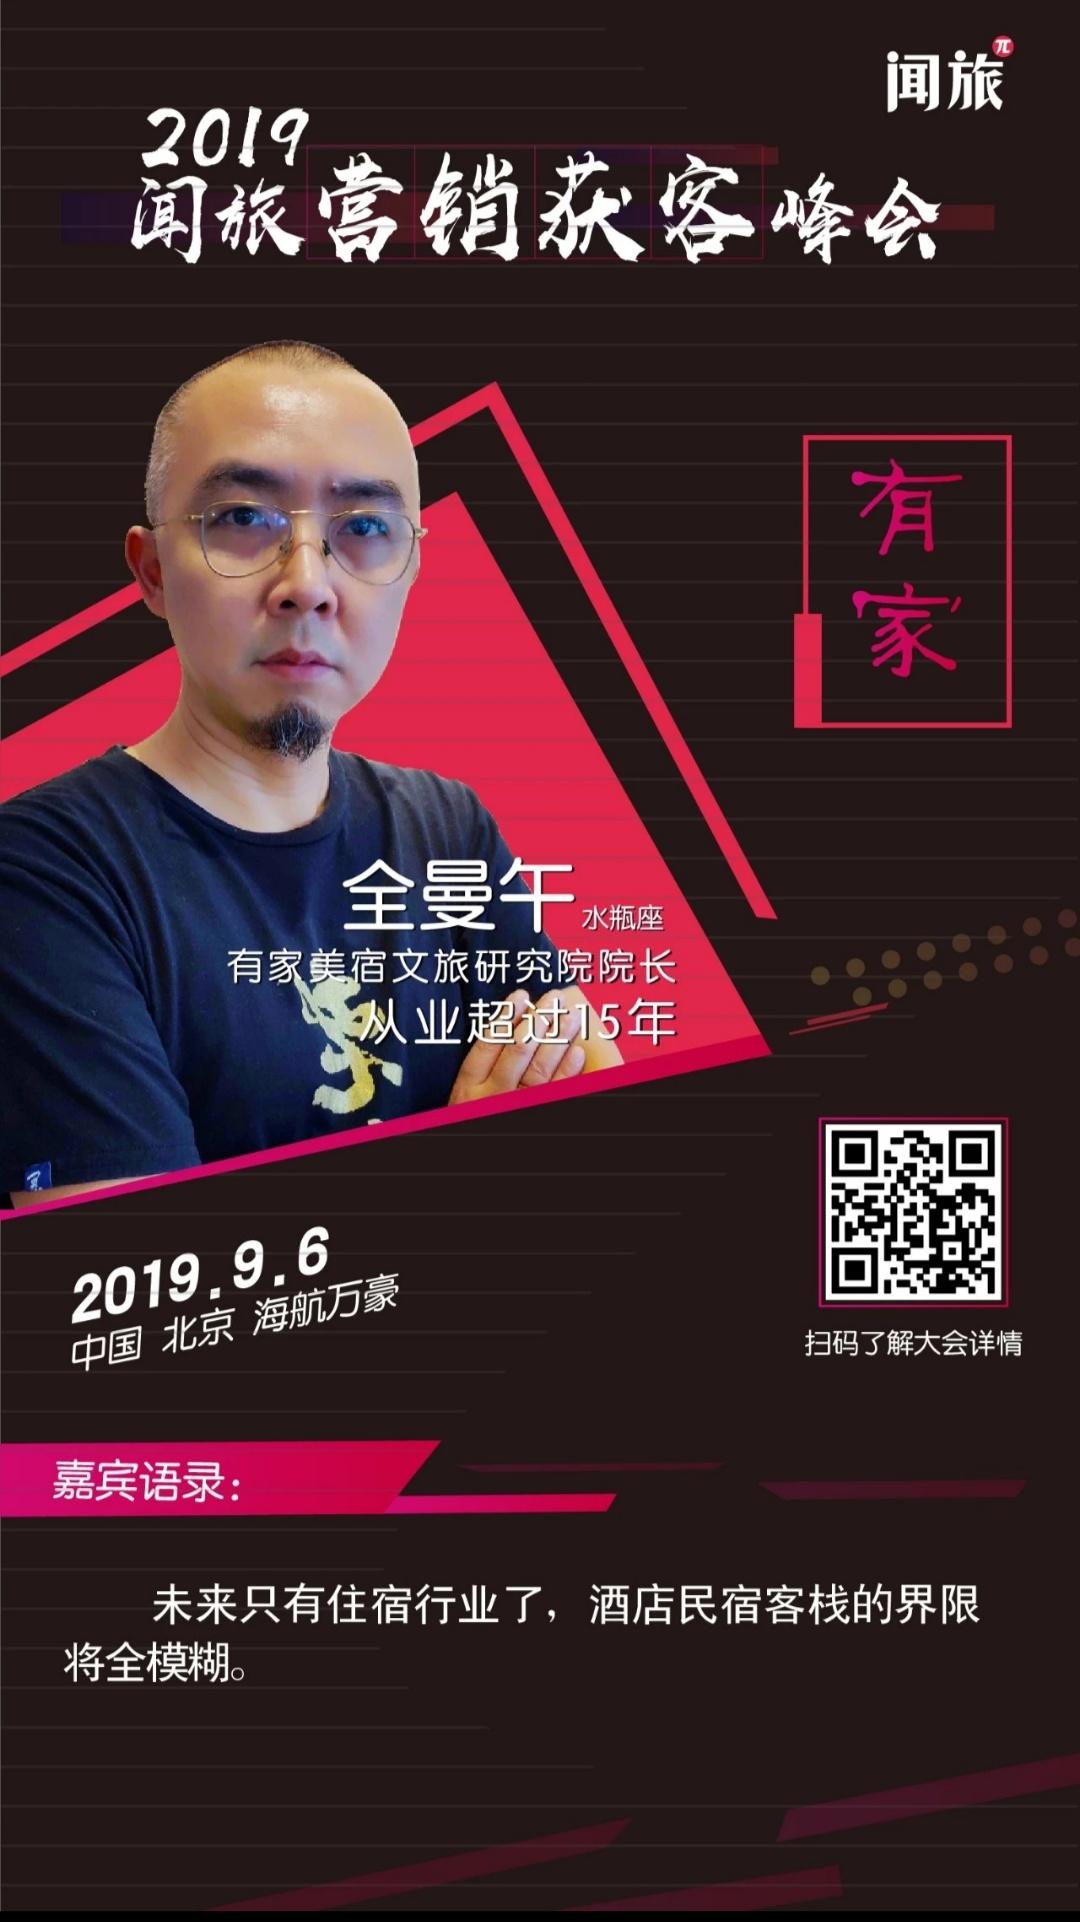 Screenshot_2019-08-07-15-28-33-223_com.tencent.mm.png